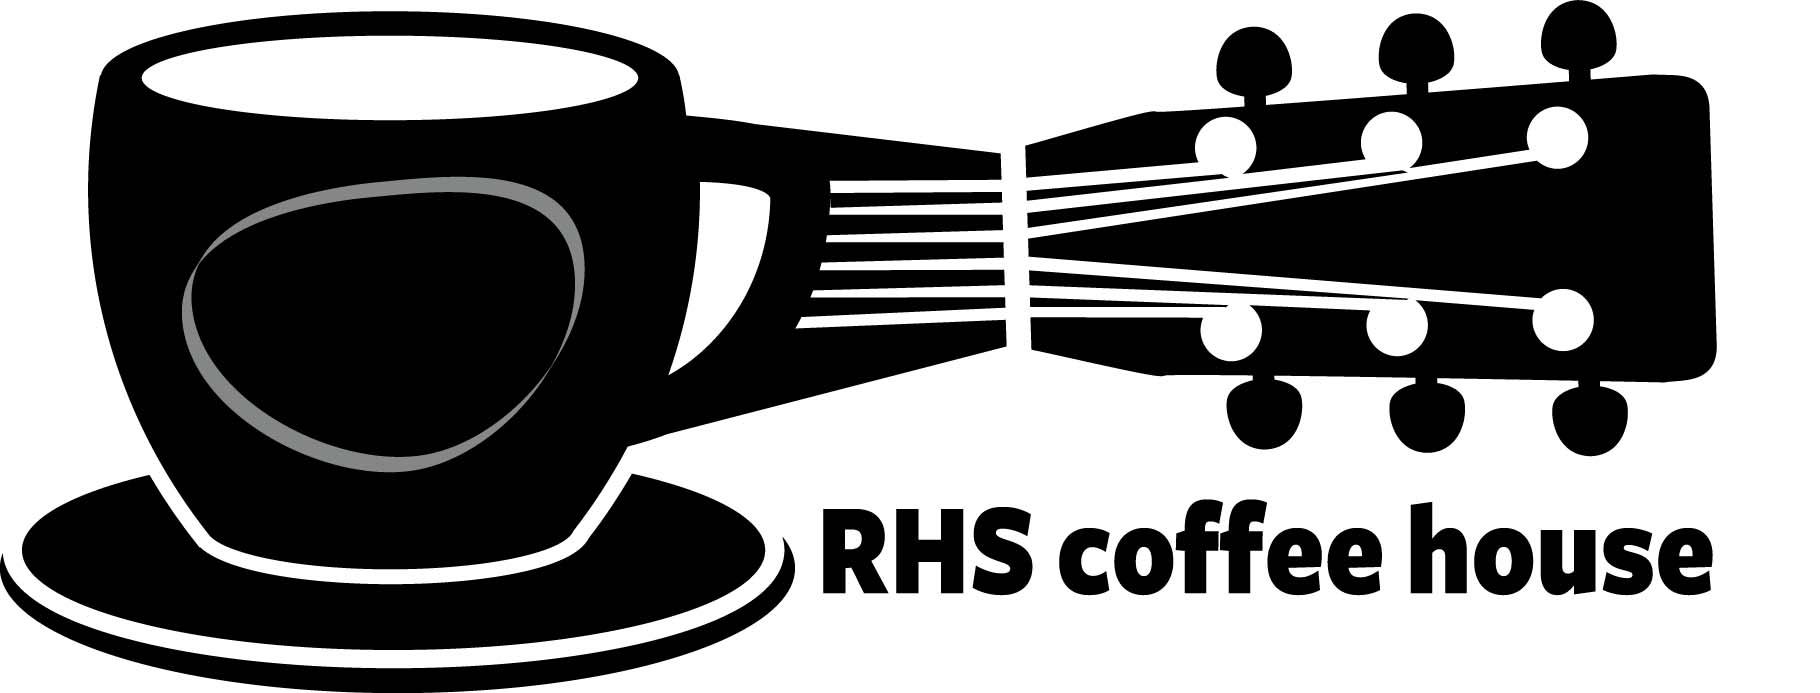 rhs coffee house.jpg